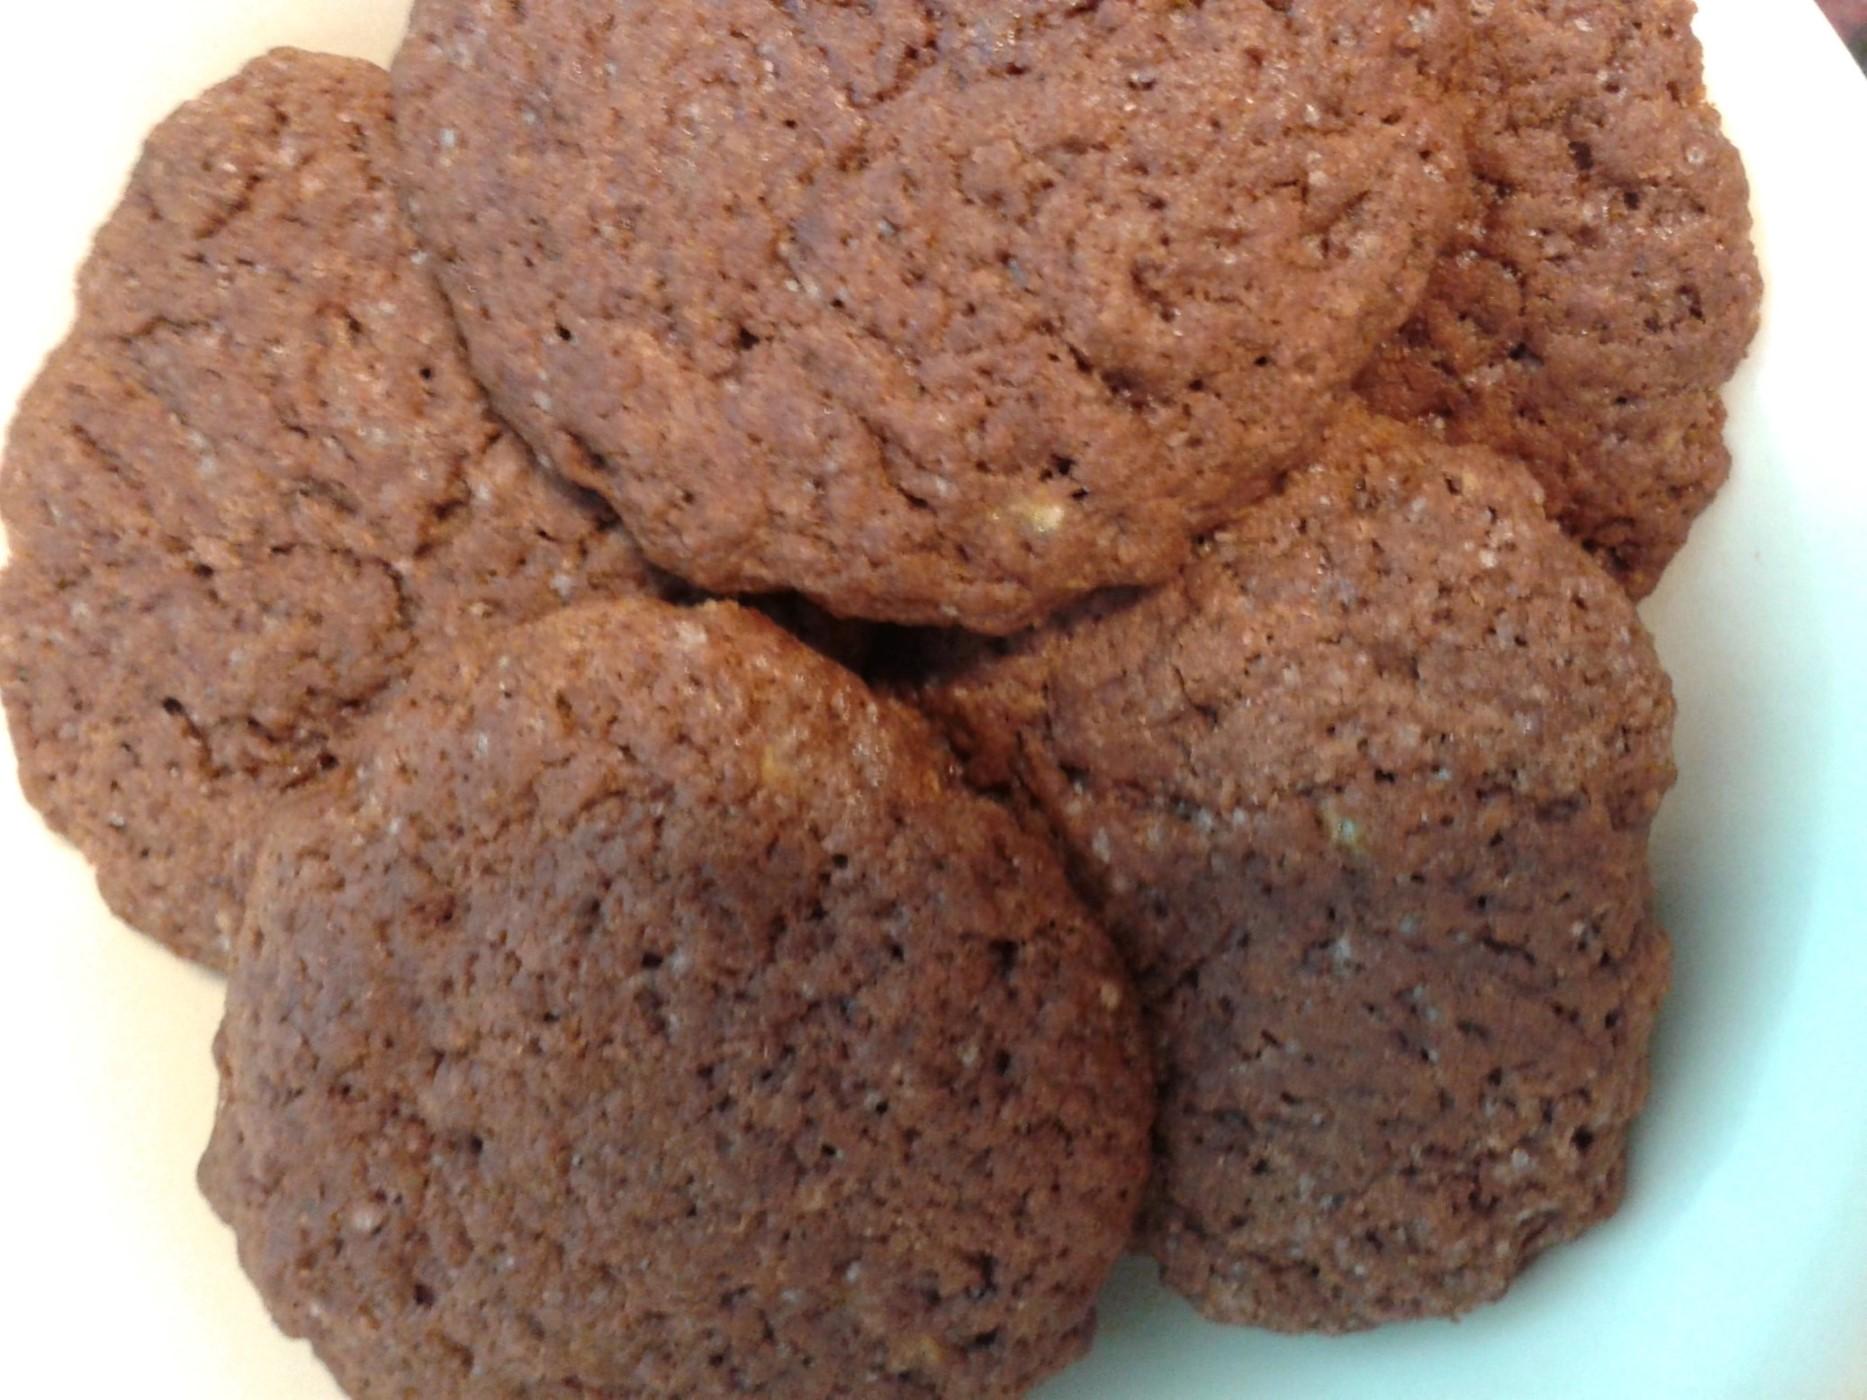 Koekjes recept – Koekjes bakken van banaan en chocola